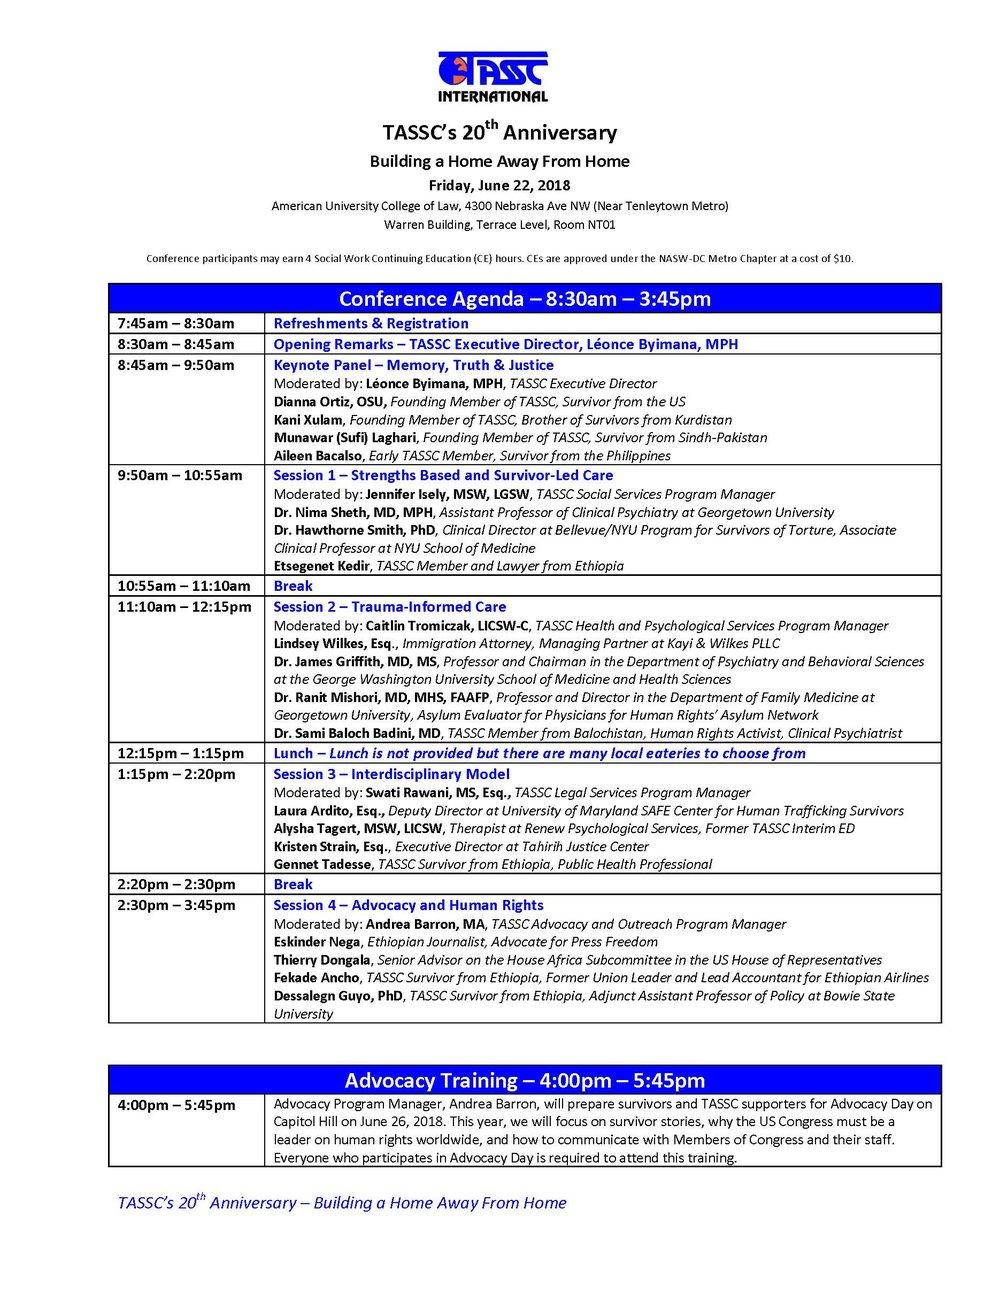 TASSC Conference Program.jpg